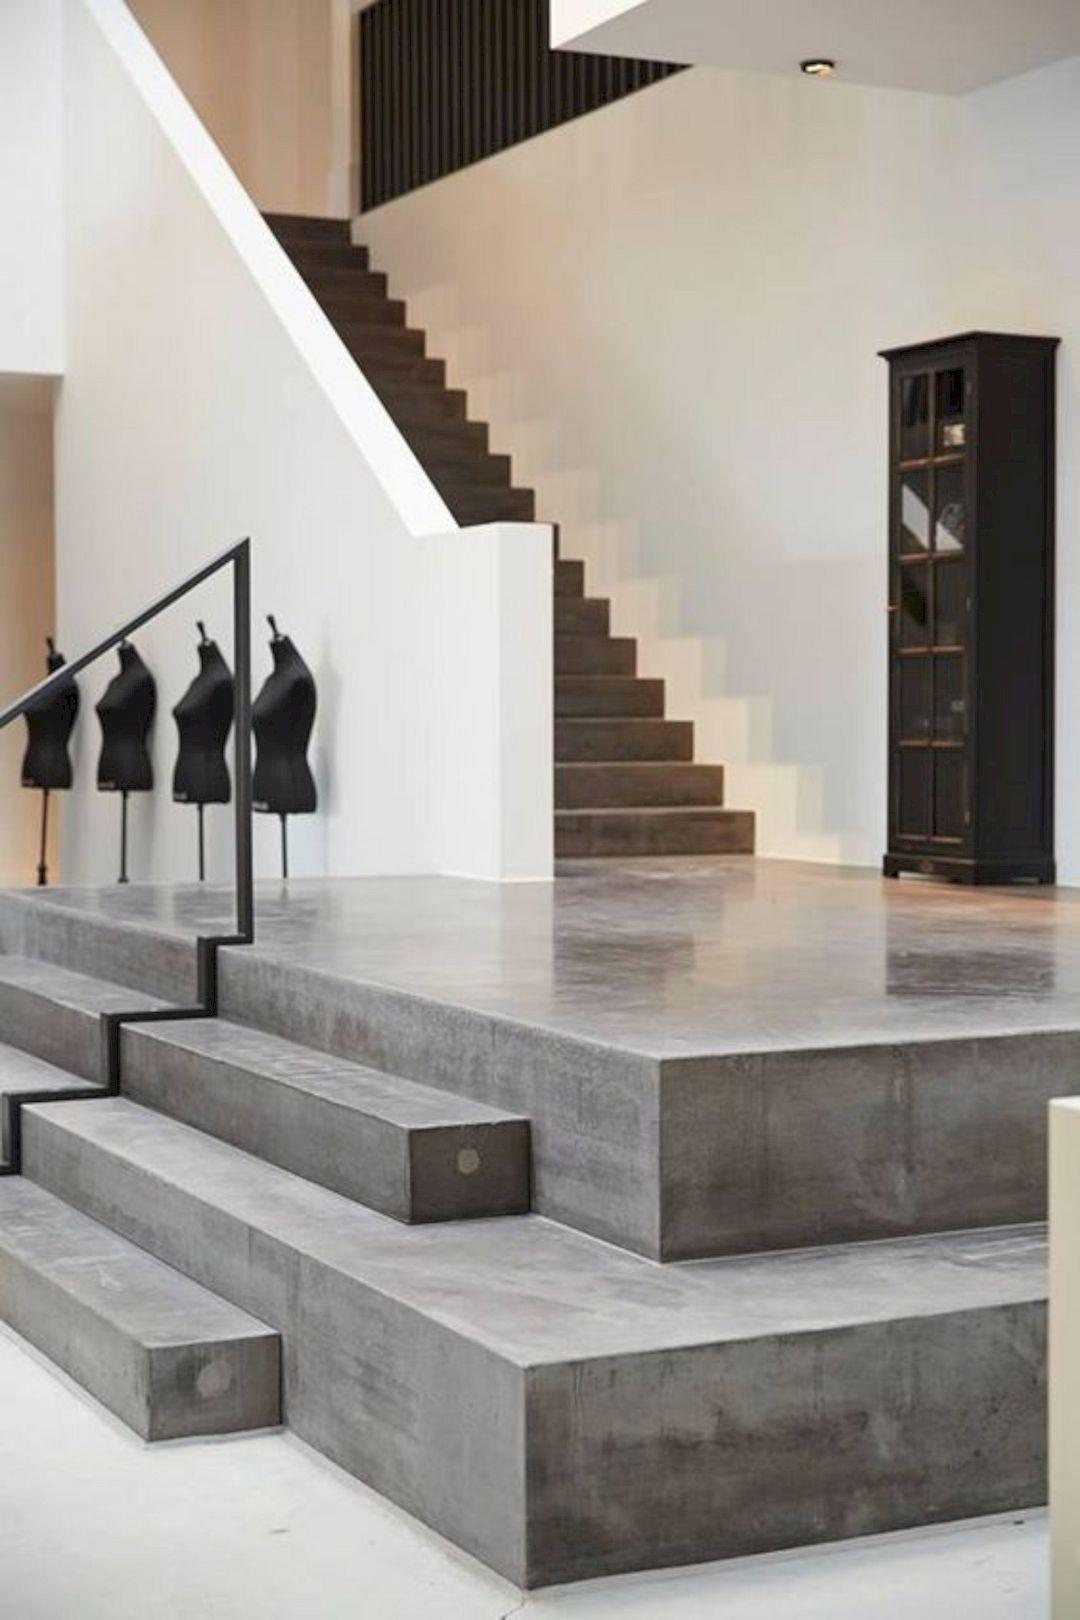 Best 16 Super Cool Concrete Staircase Ideas Concrete 640 x 480